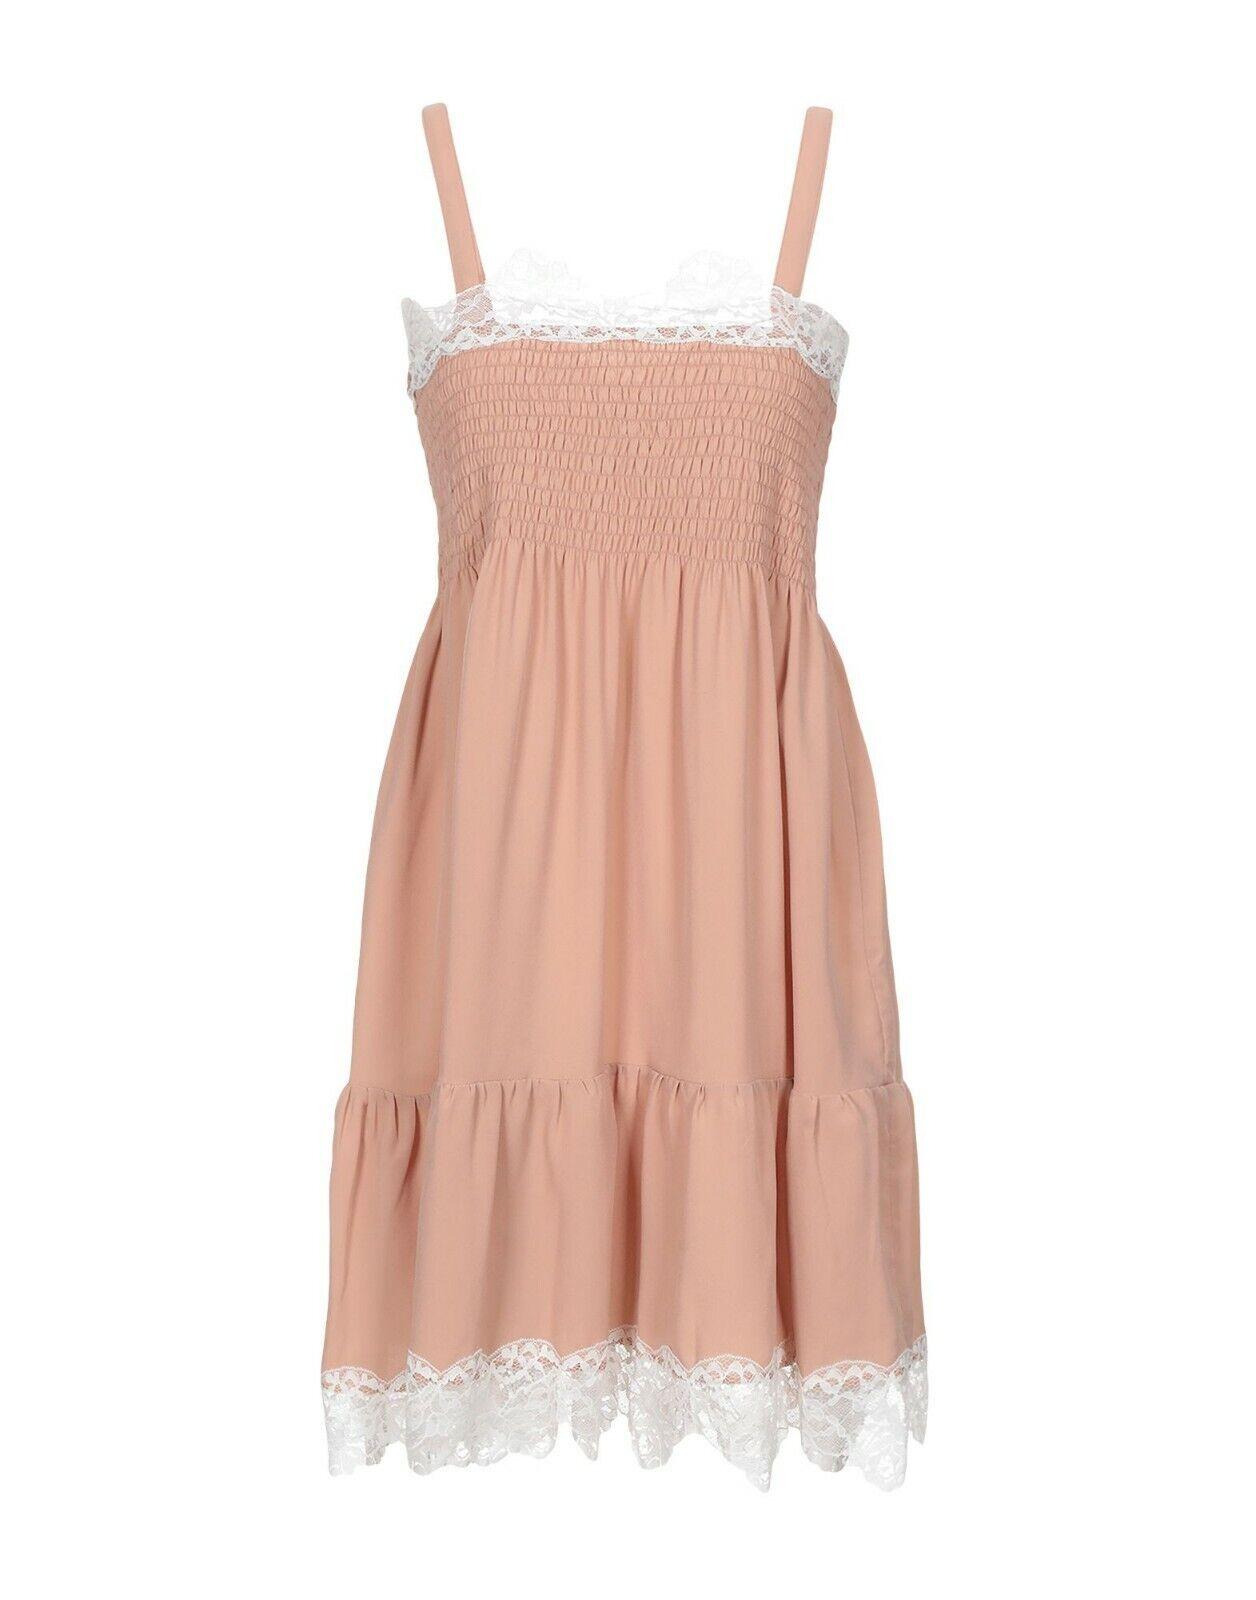 Vestito Miniabito women Abito TOY G by PINKO Made in  I579 Tg 42